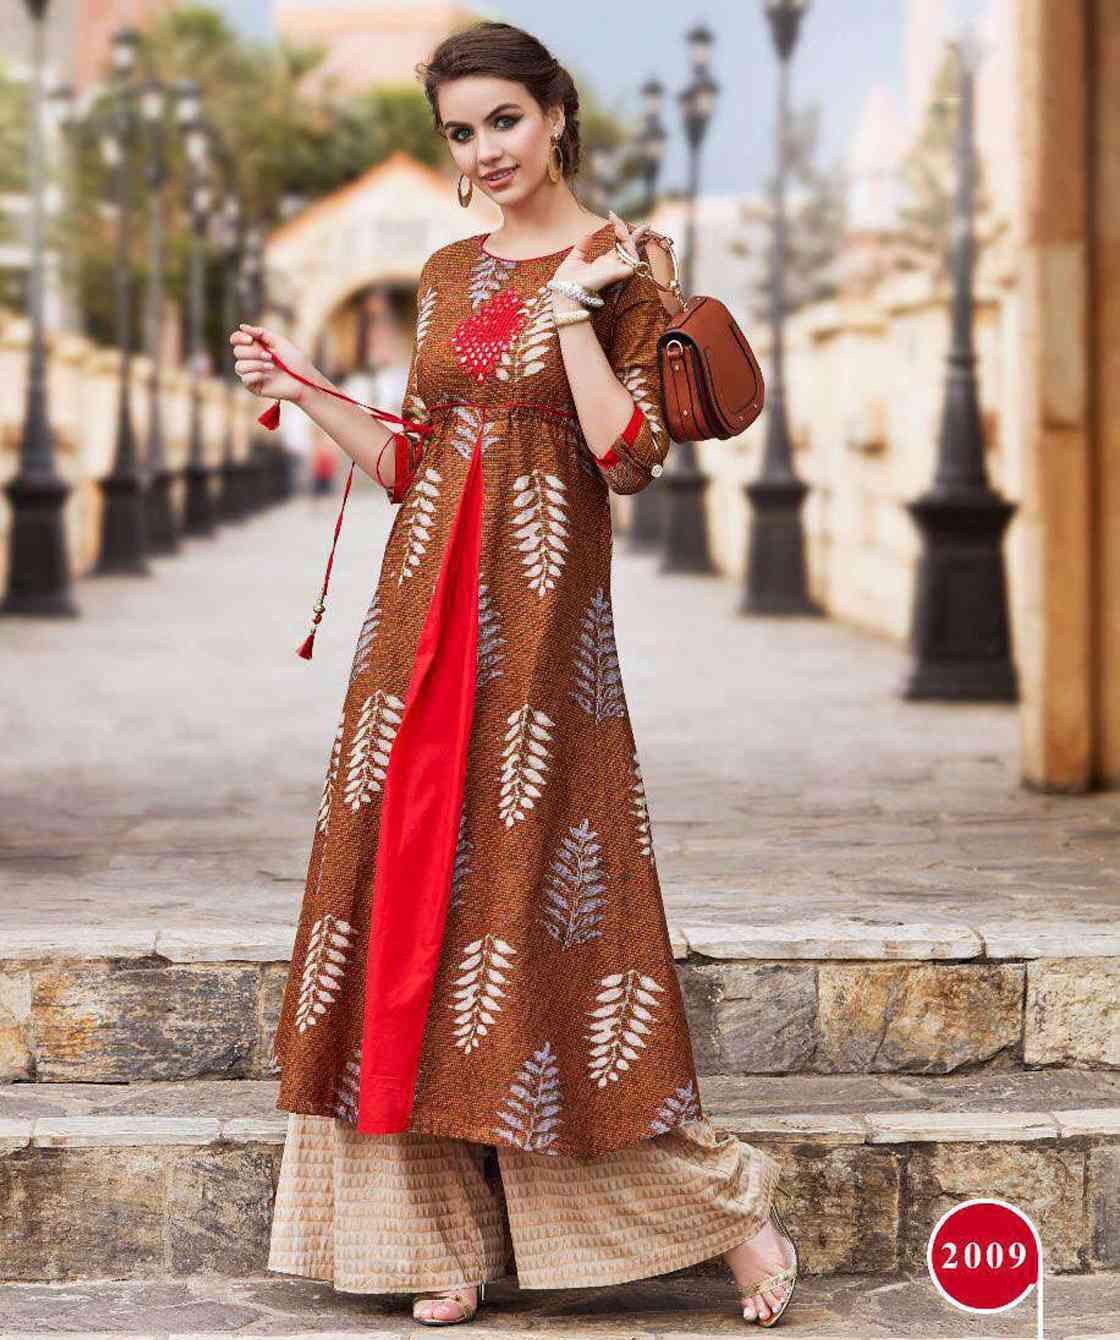 3a86cc492cd Printed Kurtis Wholesale Formal Wear, designer kurtis, buy kurti in  wholesale rate, stylish kurtis collection, surat wholesale kurti,